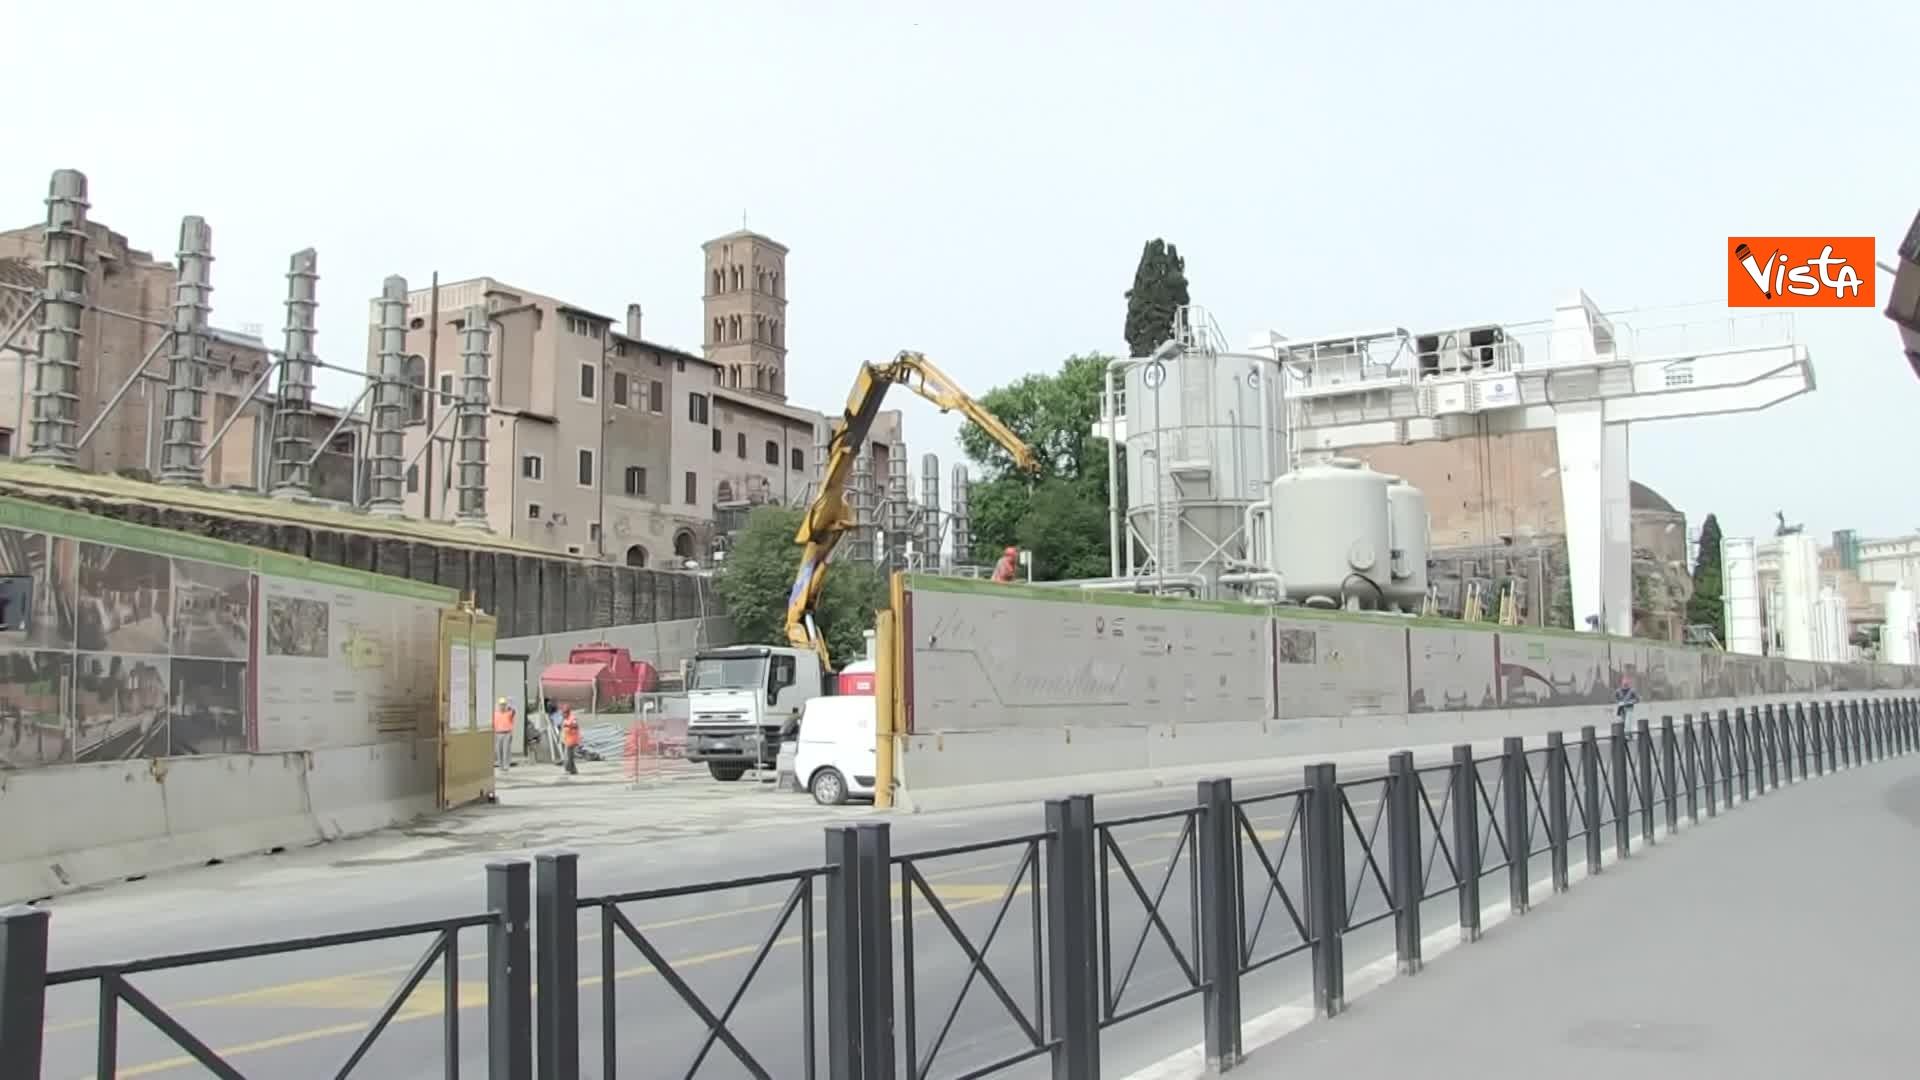 13-05-20 Colosseo deserto gli unici rumori che si sentono sono quelli dei lavori della metro C_08